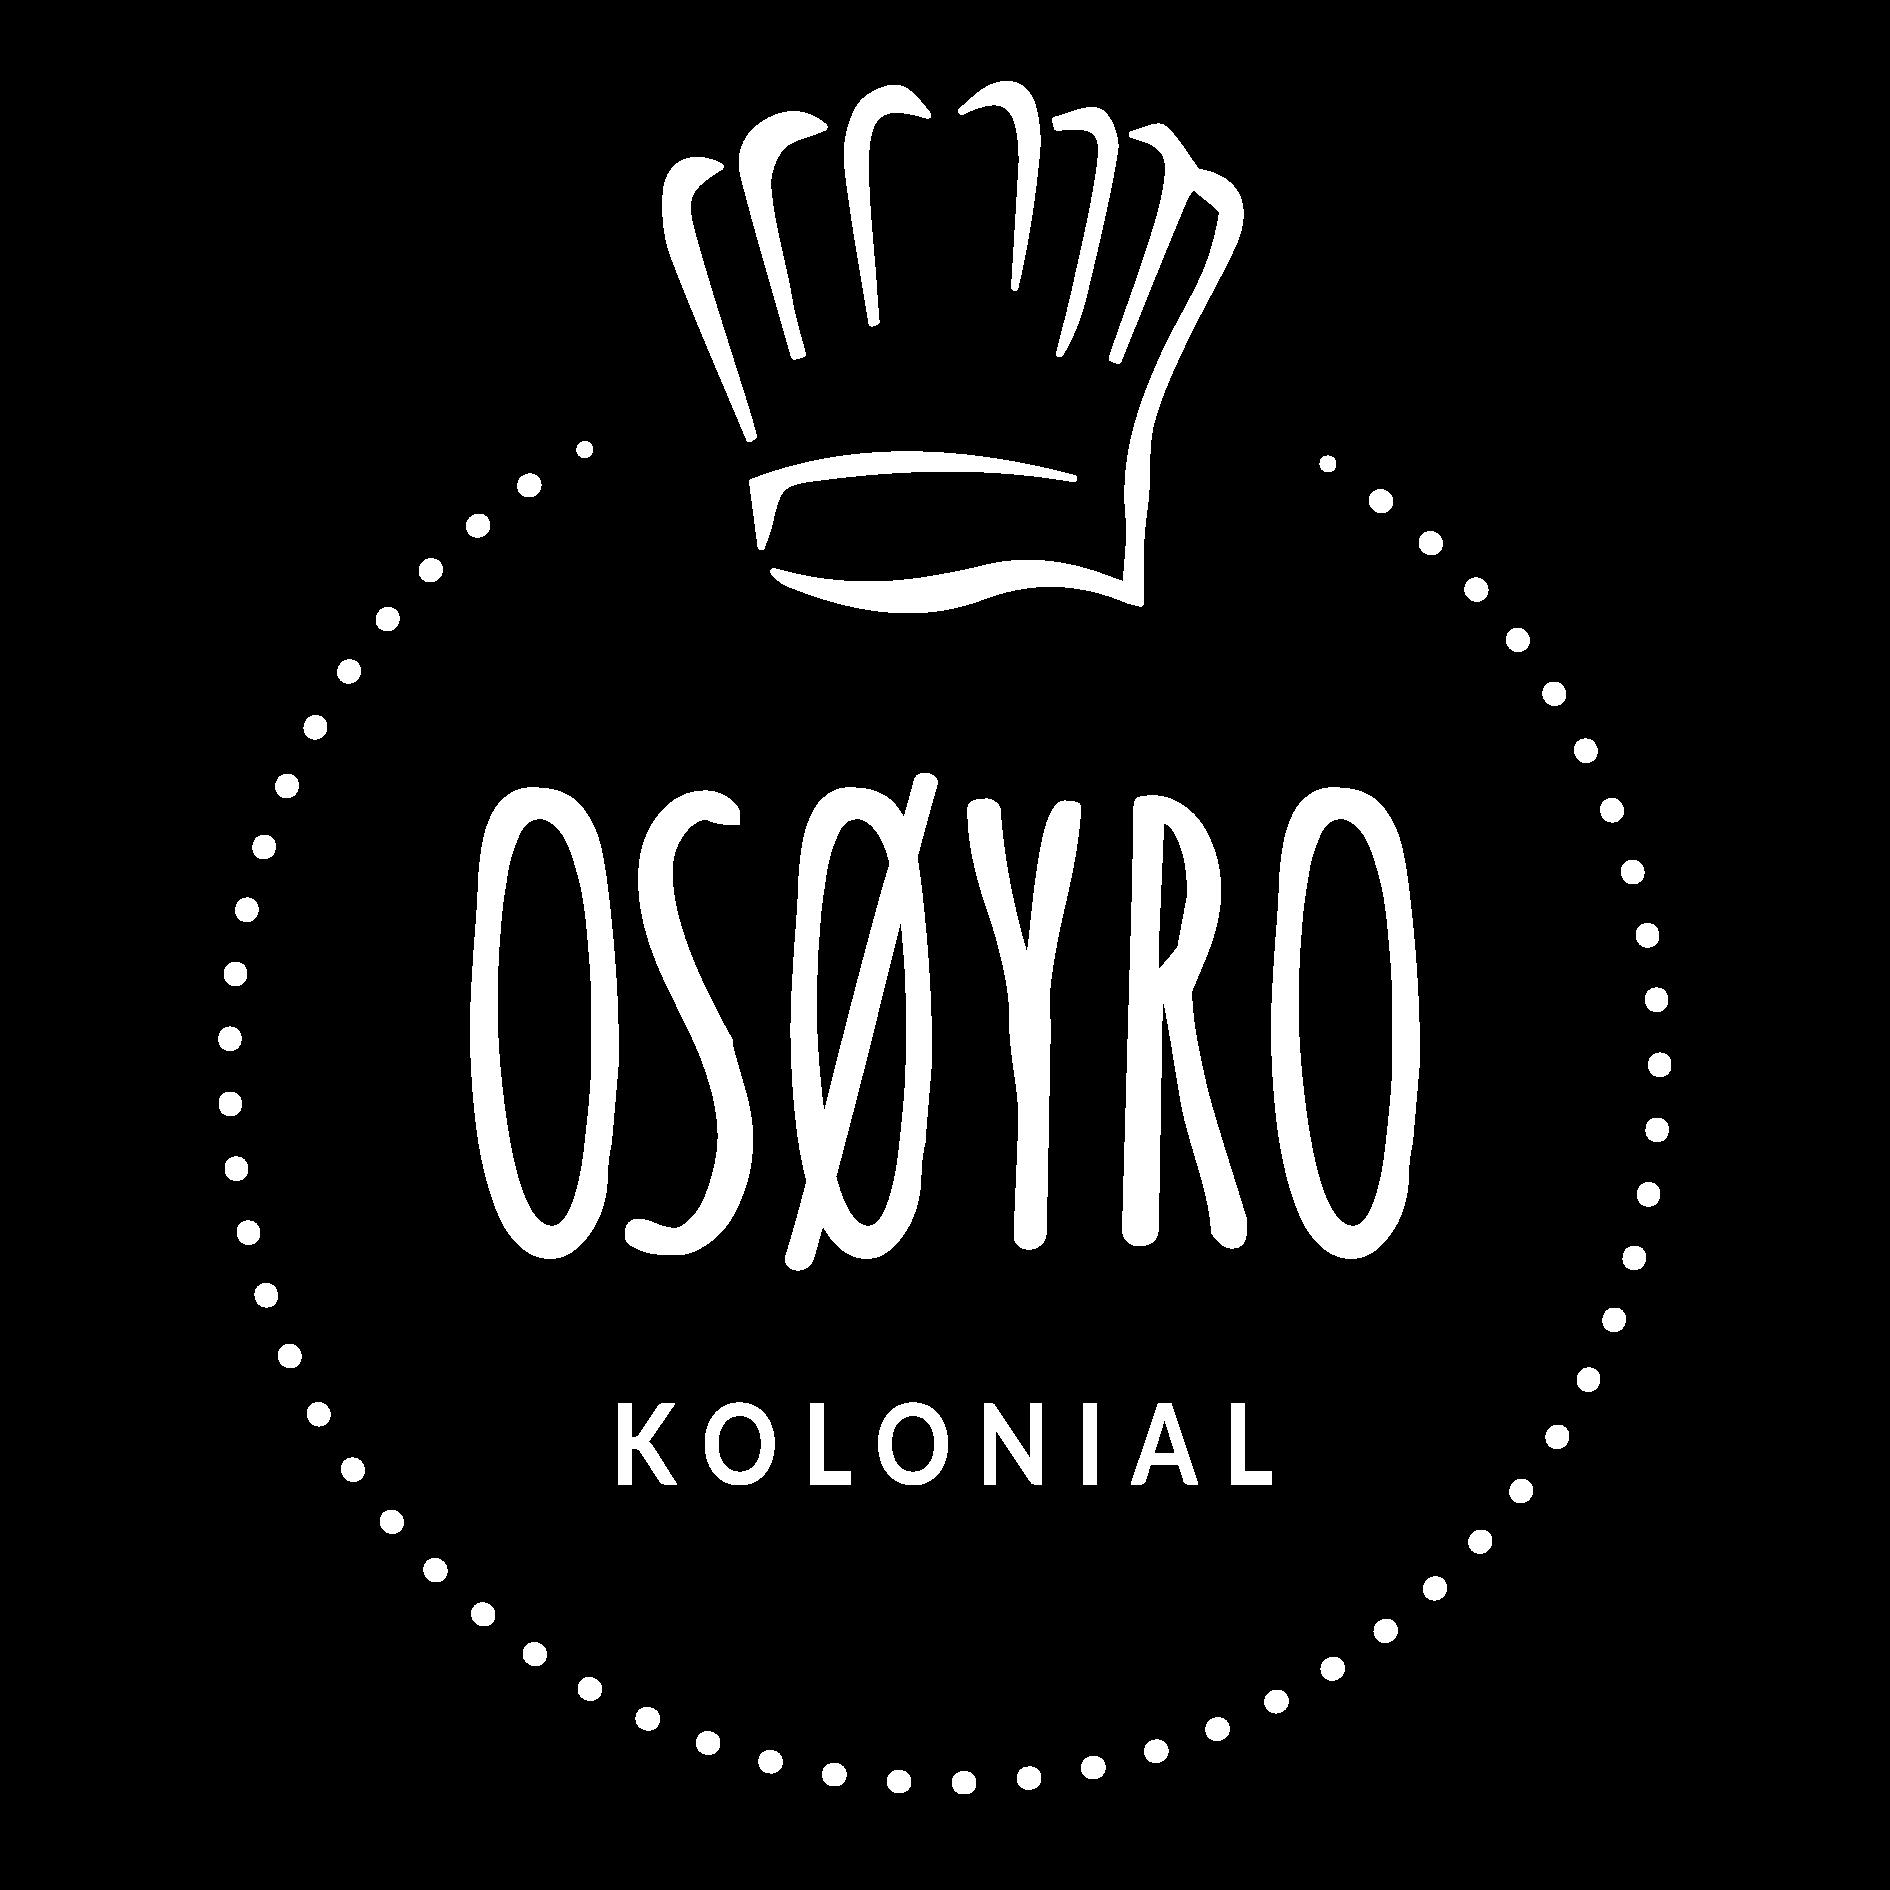 Osøyro Kolonial